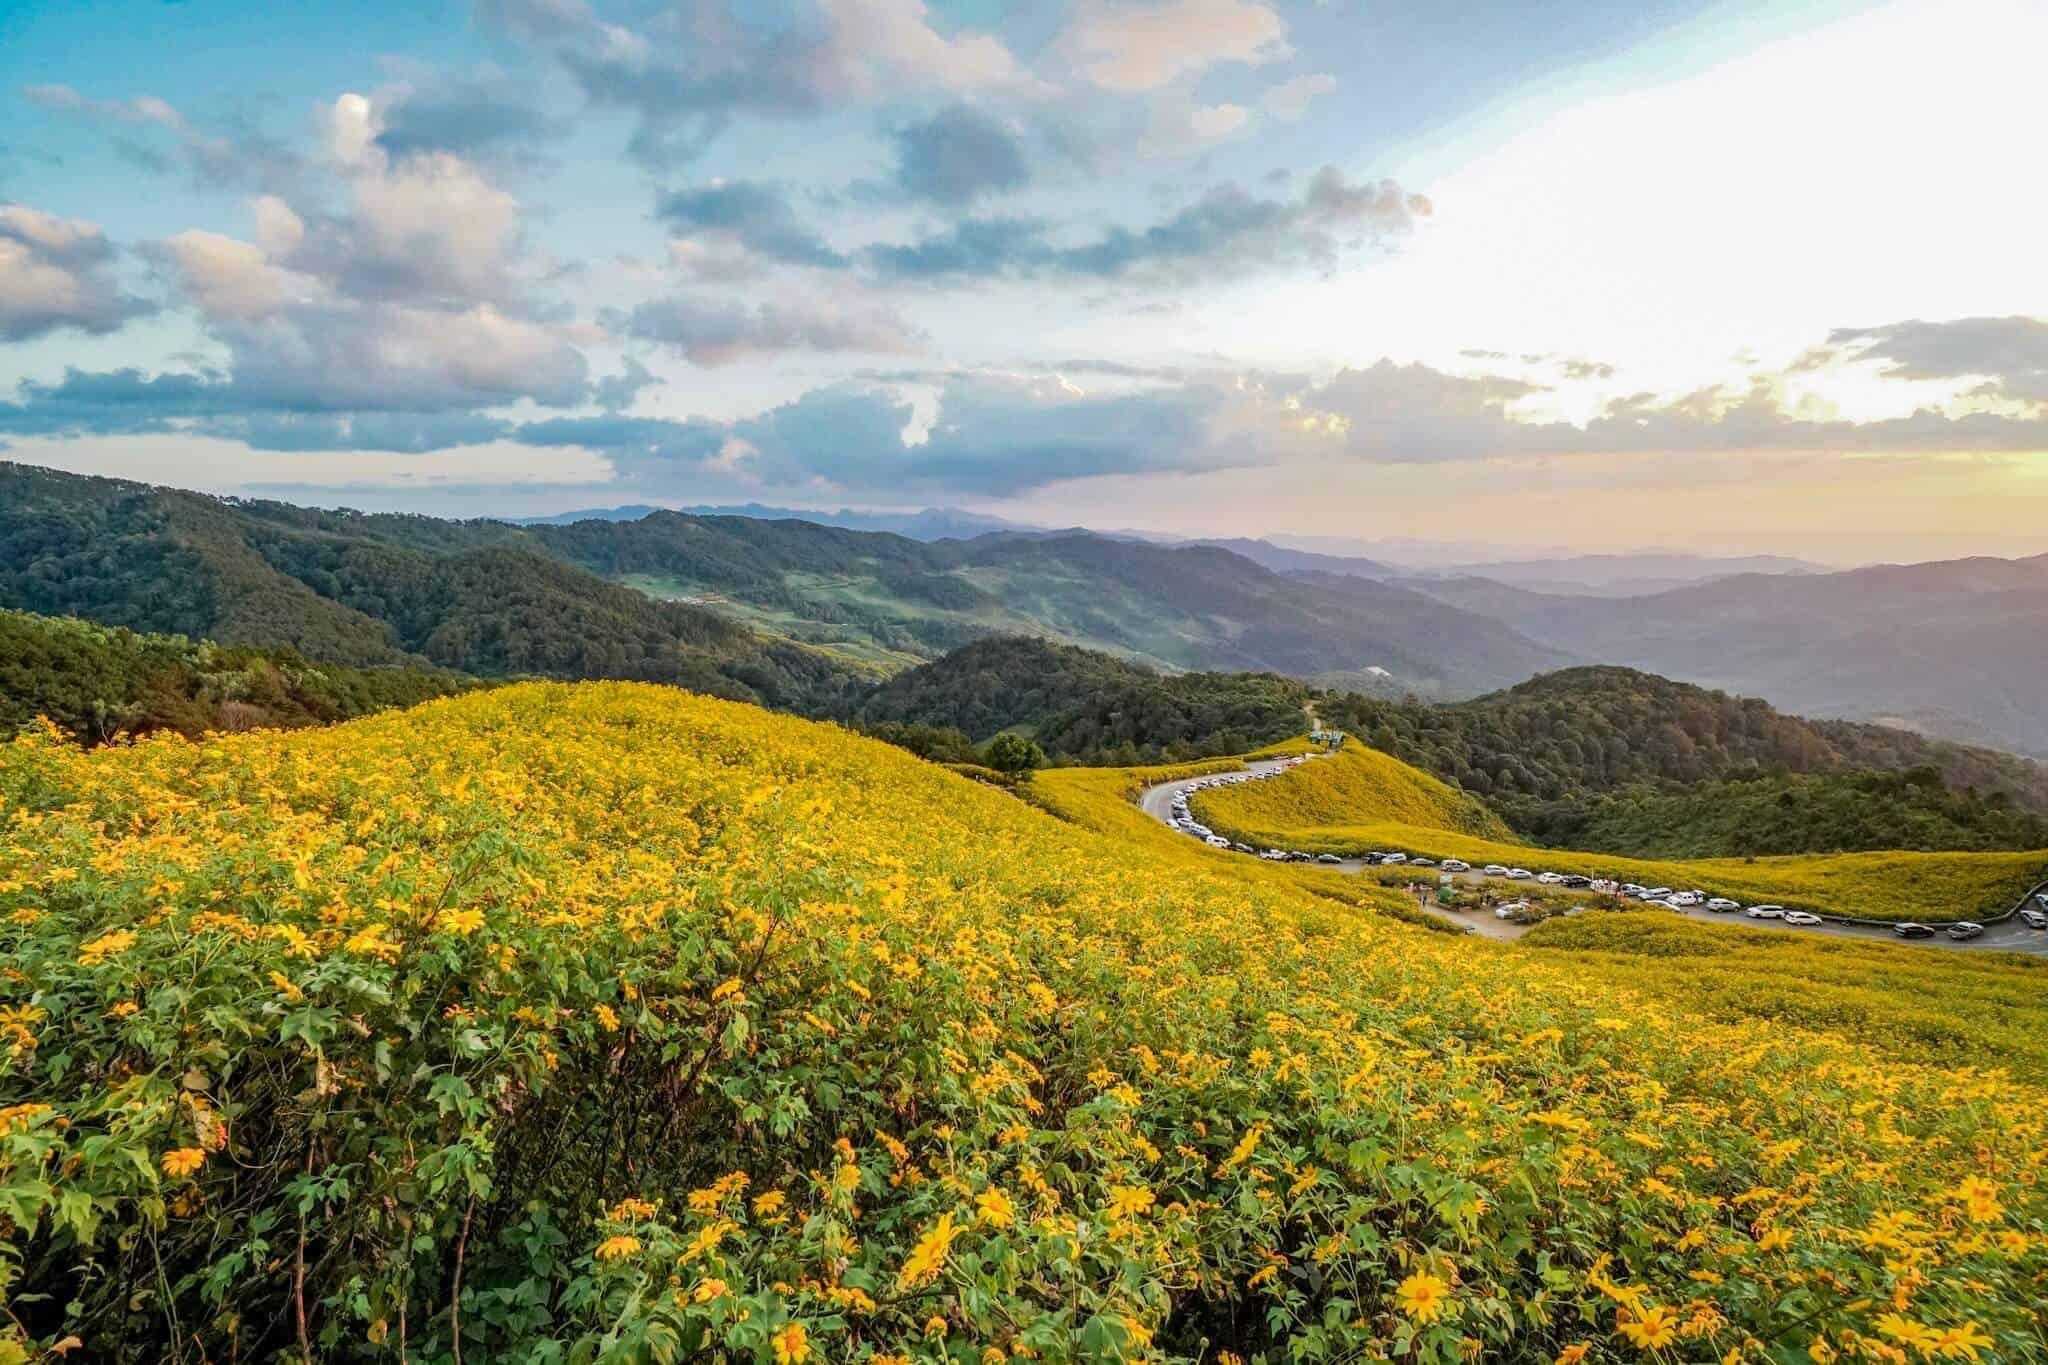 Sonnenblumen Mae Hong Son